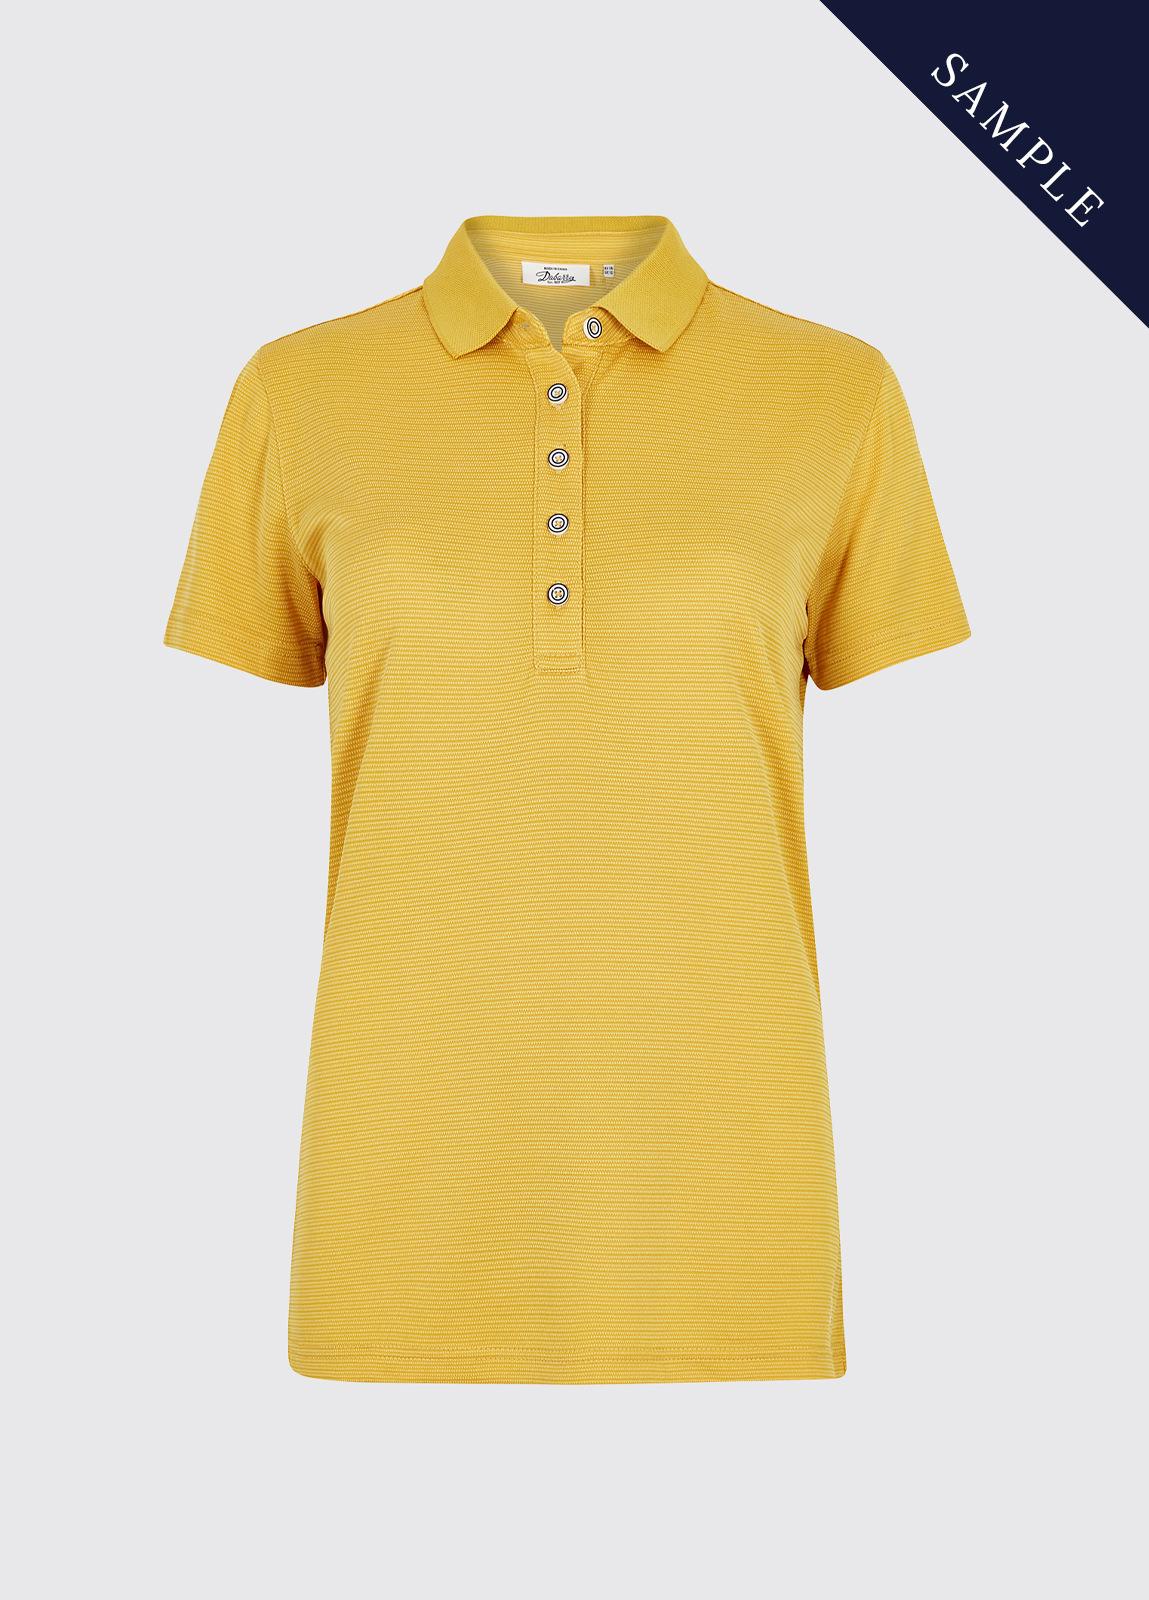 Edenderry Polo Shirt - Sunflower - EU 36